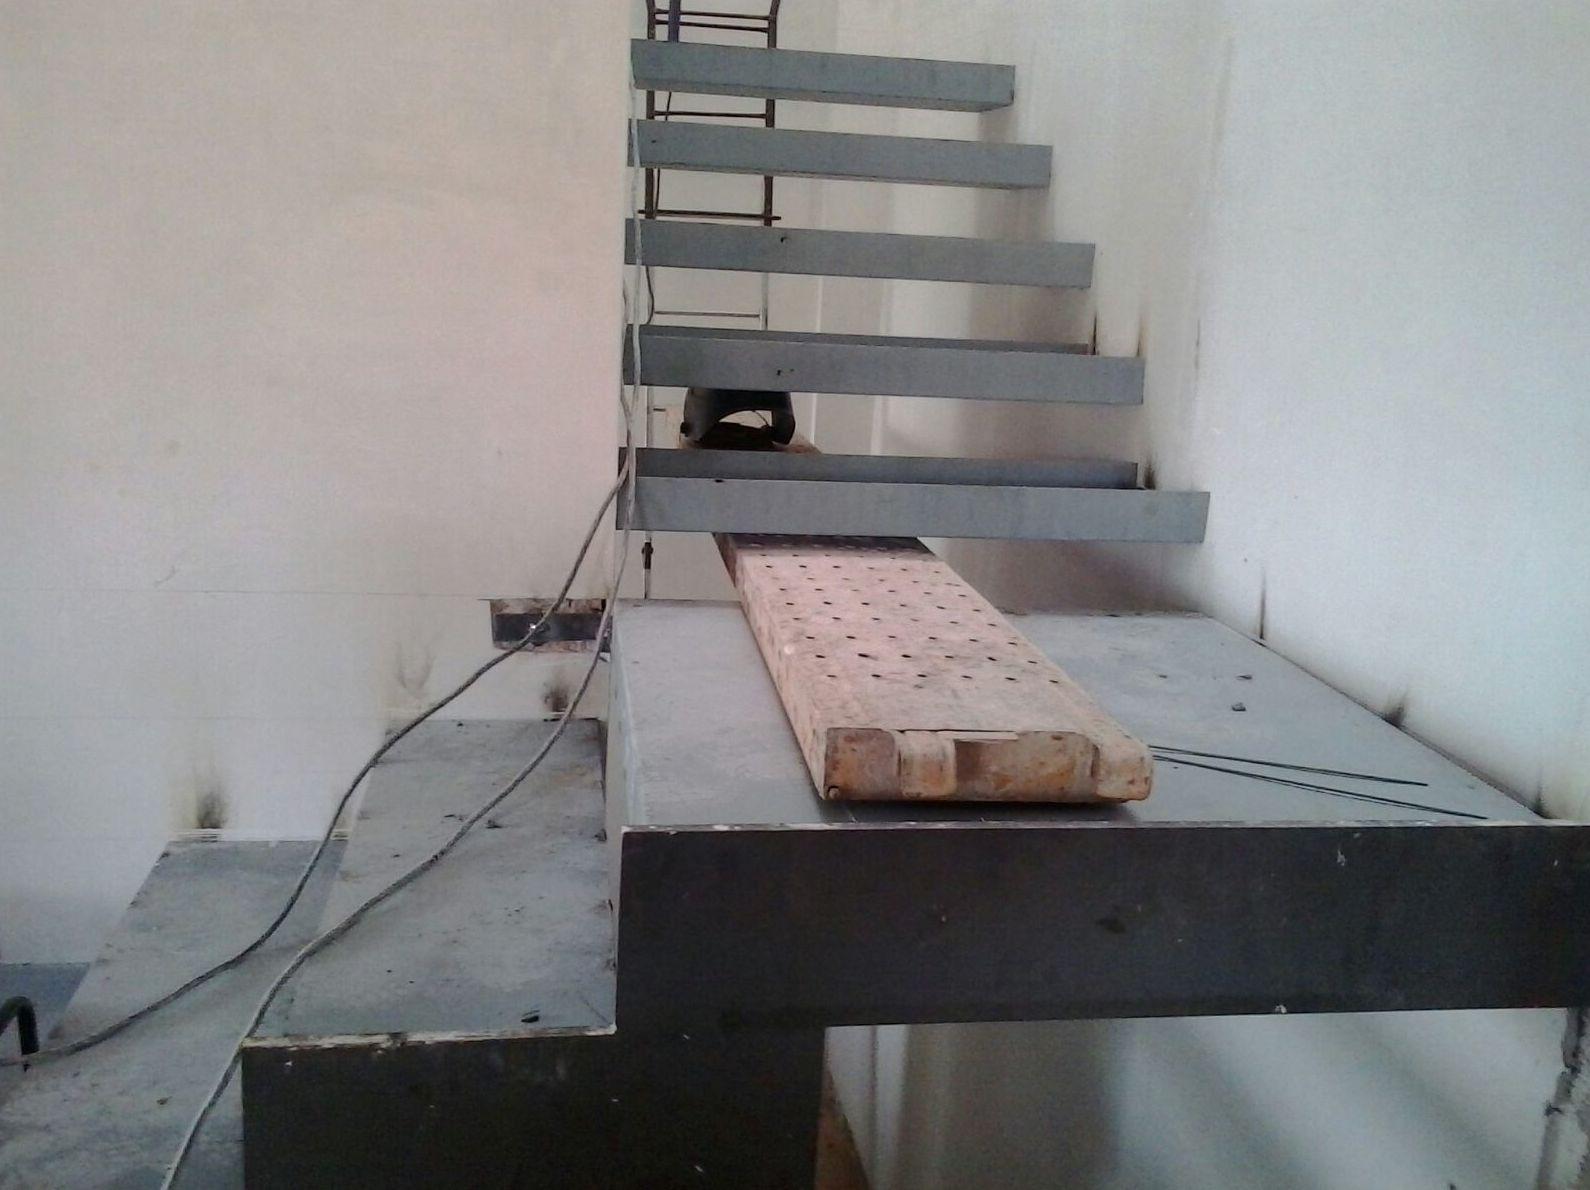 Escalera de peldaños de hierro directos a la pared